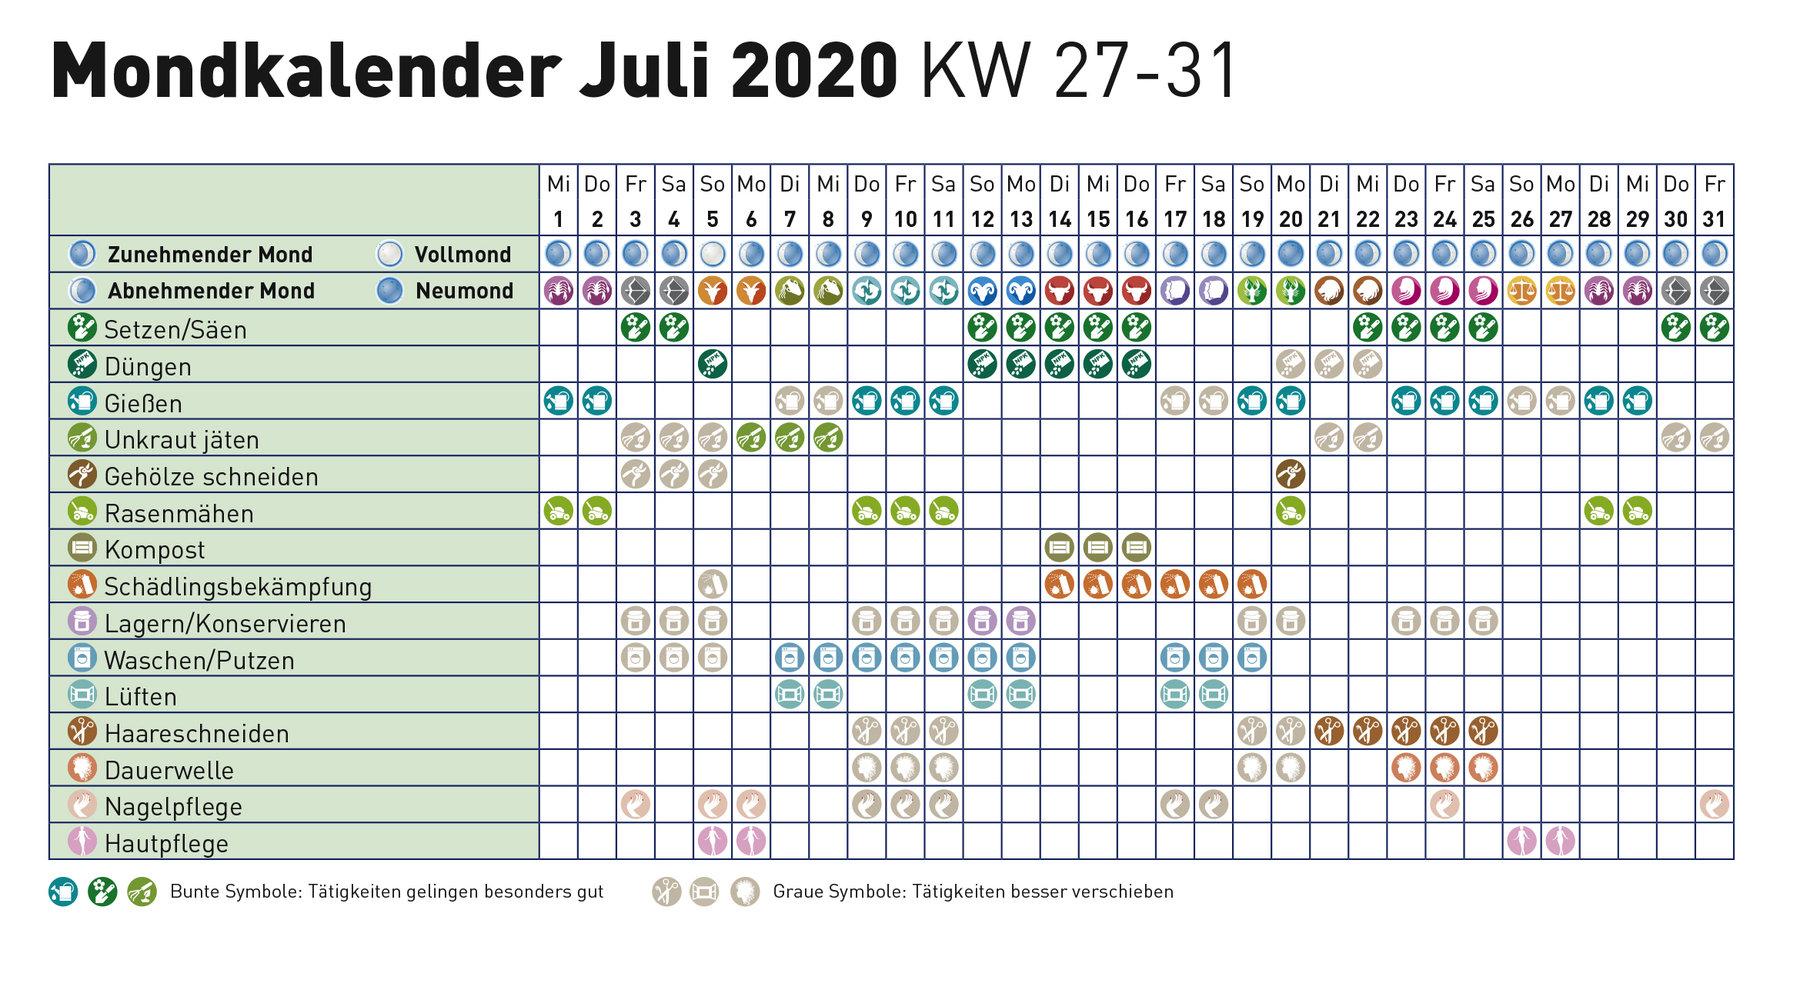 Mondkalender 2020 blumen gießen